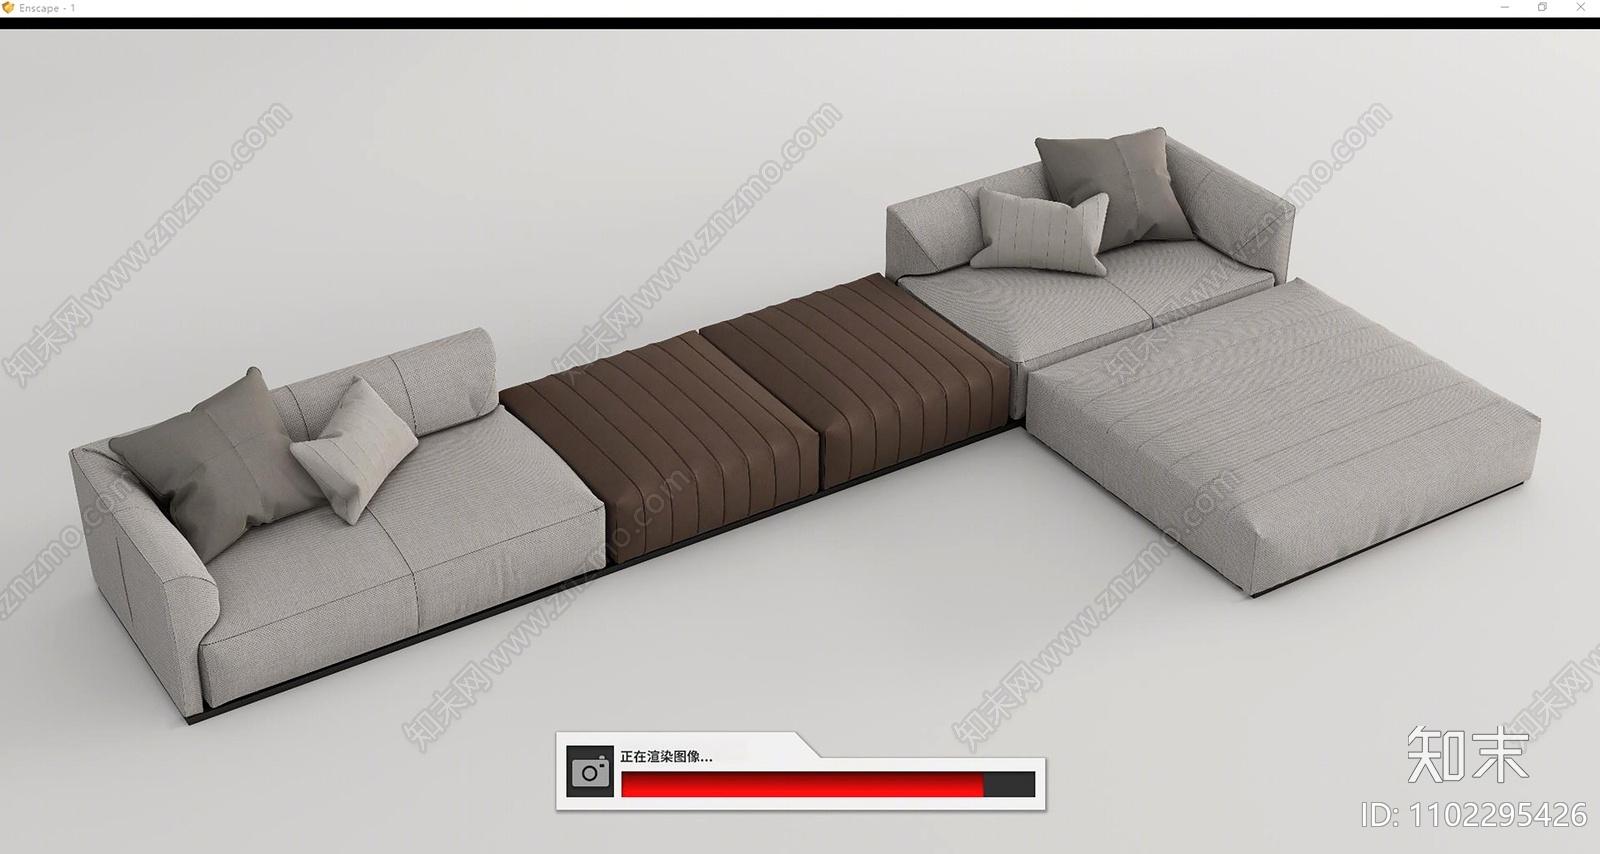 现代多人转角沙发SU模型下载【ID:1102295426】